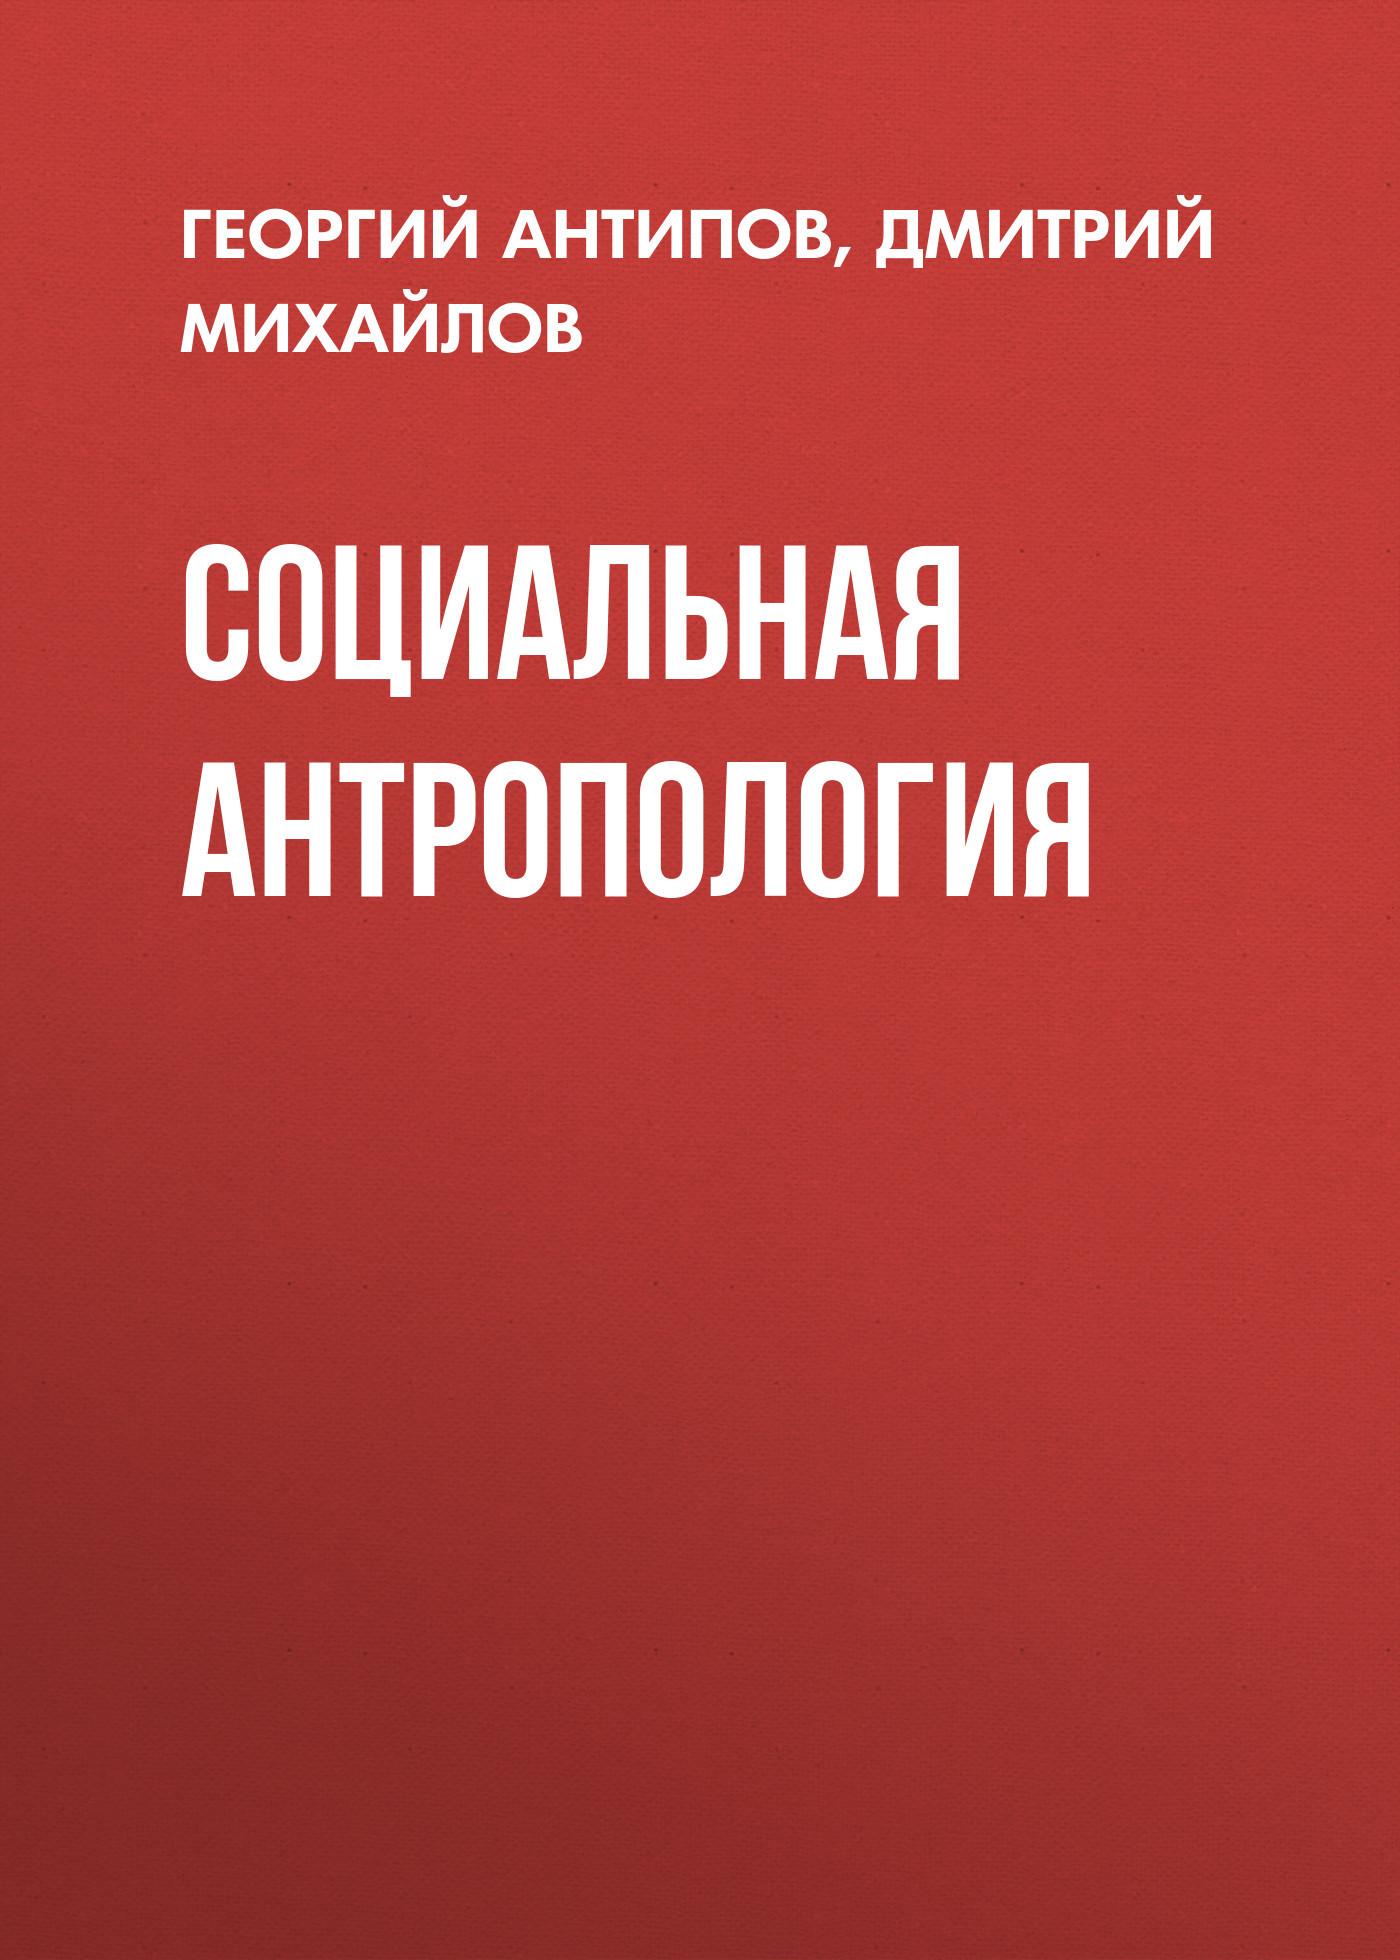 Дмитрий Михайлов бесплатно